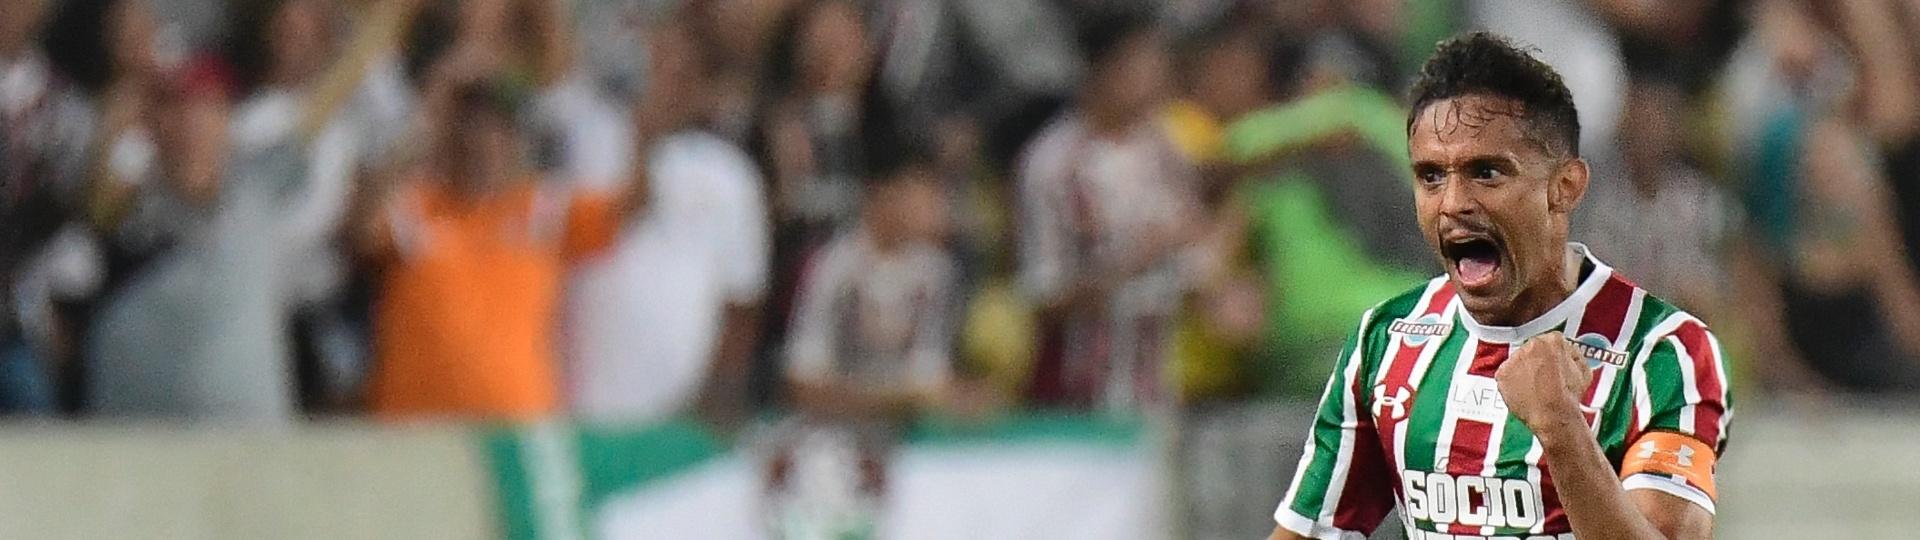 Gustavo Scarpa comemora gol do Fluminense contra a LDU